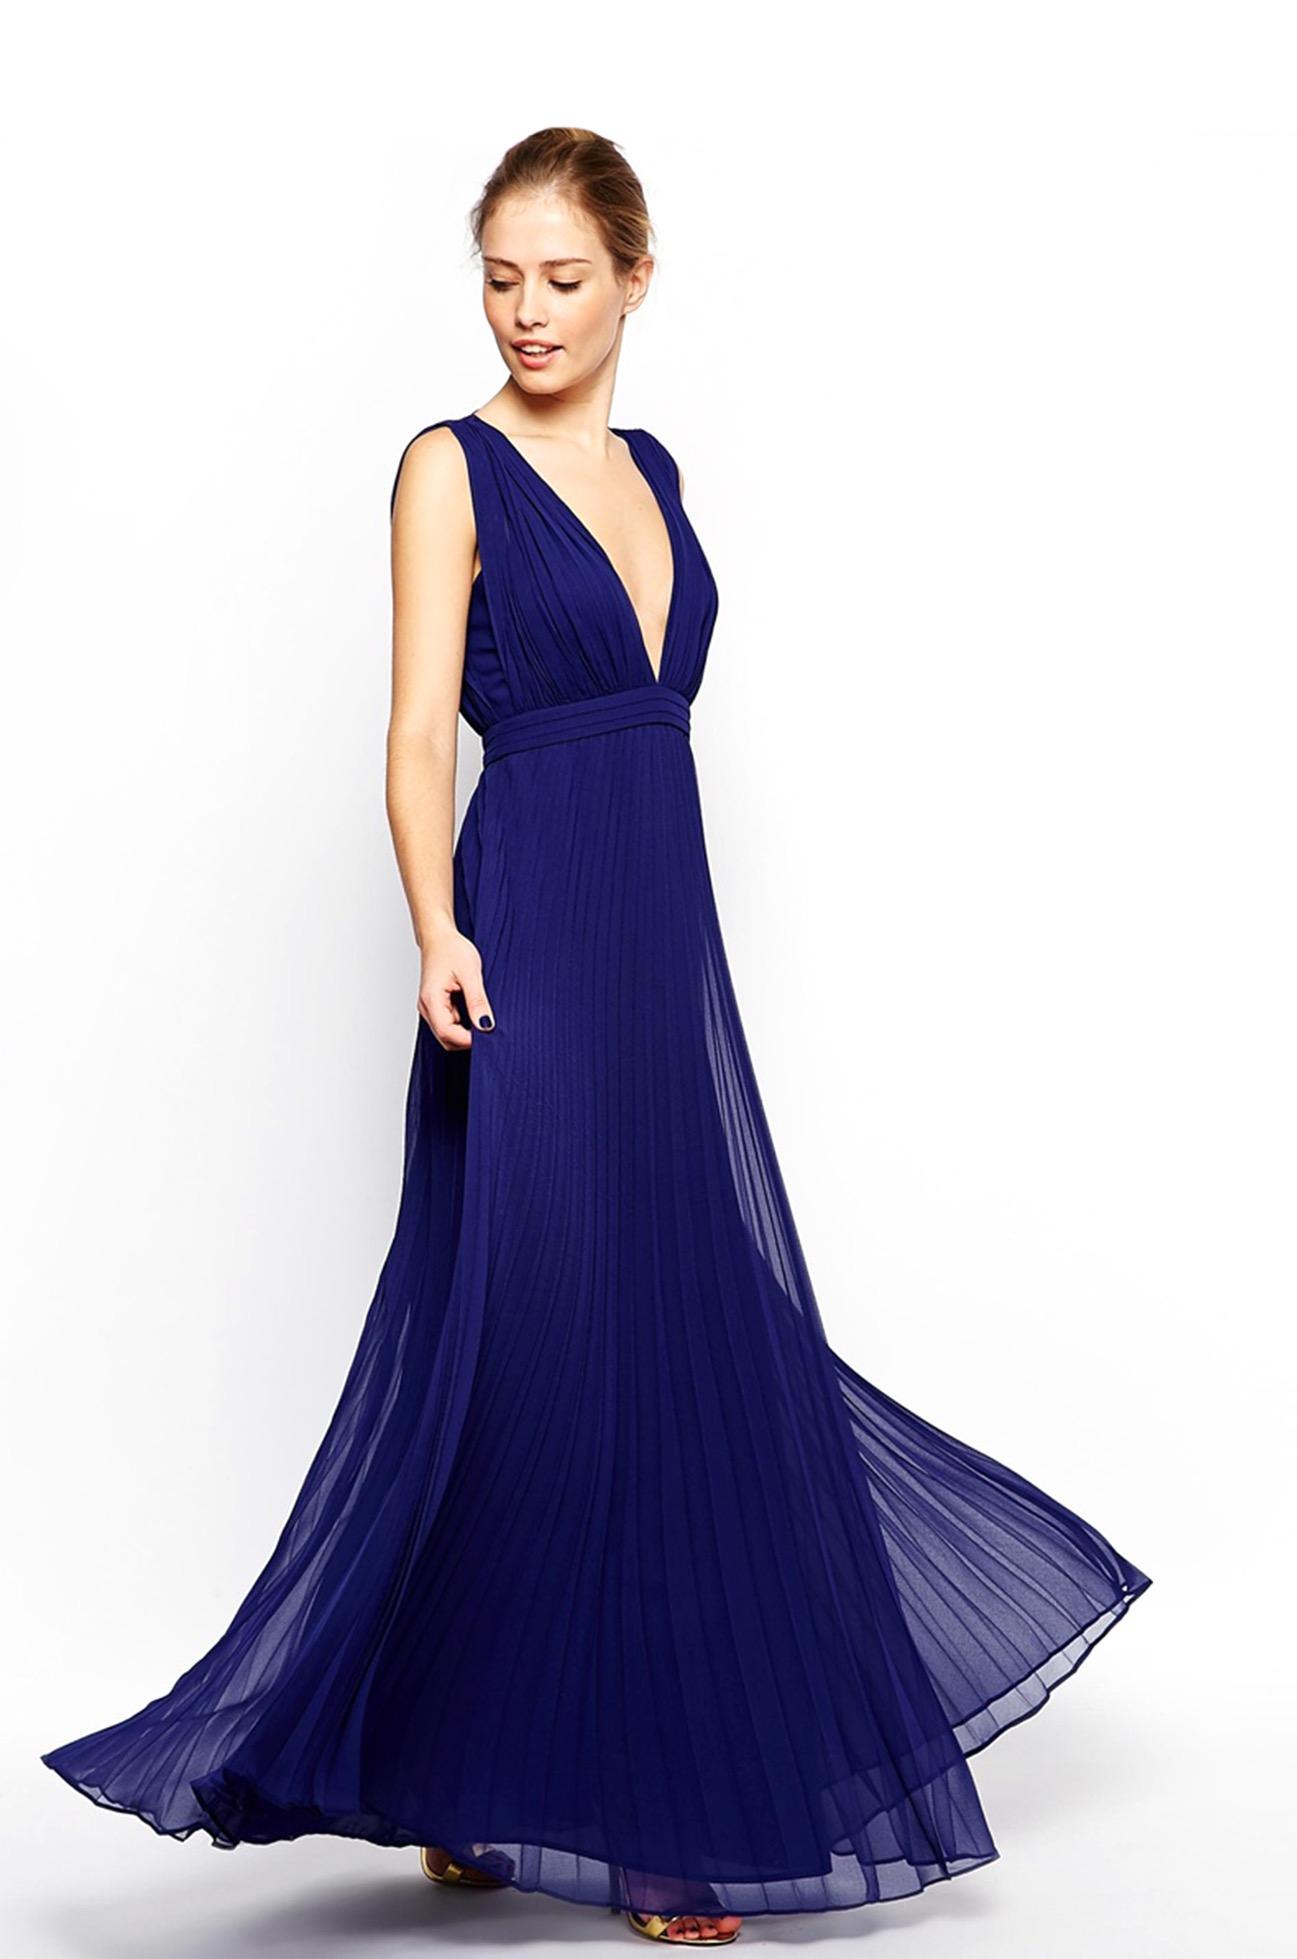 robe bleu nuit adress collection. Black Bedroom Furniture Sets. Home Design Ideas